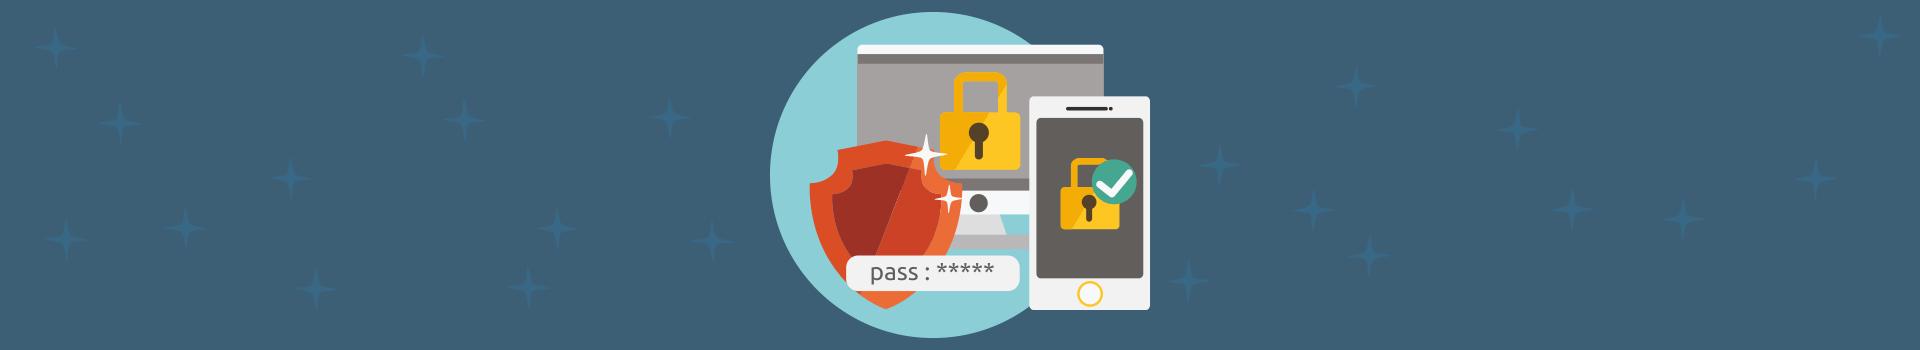 Ασφάλεια και κωδικοί πρόσβασης